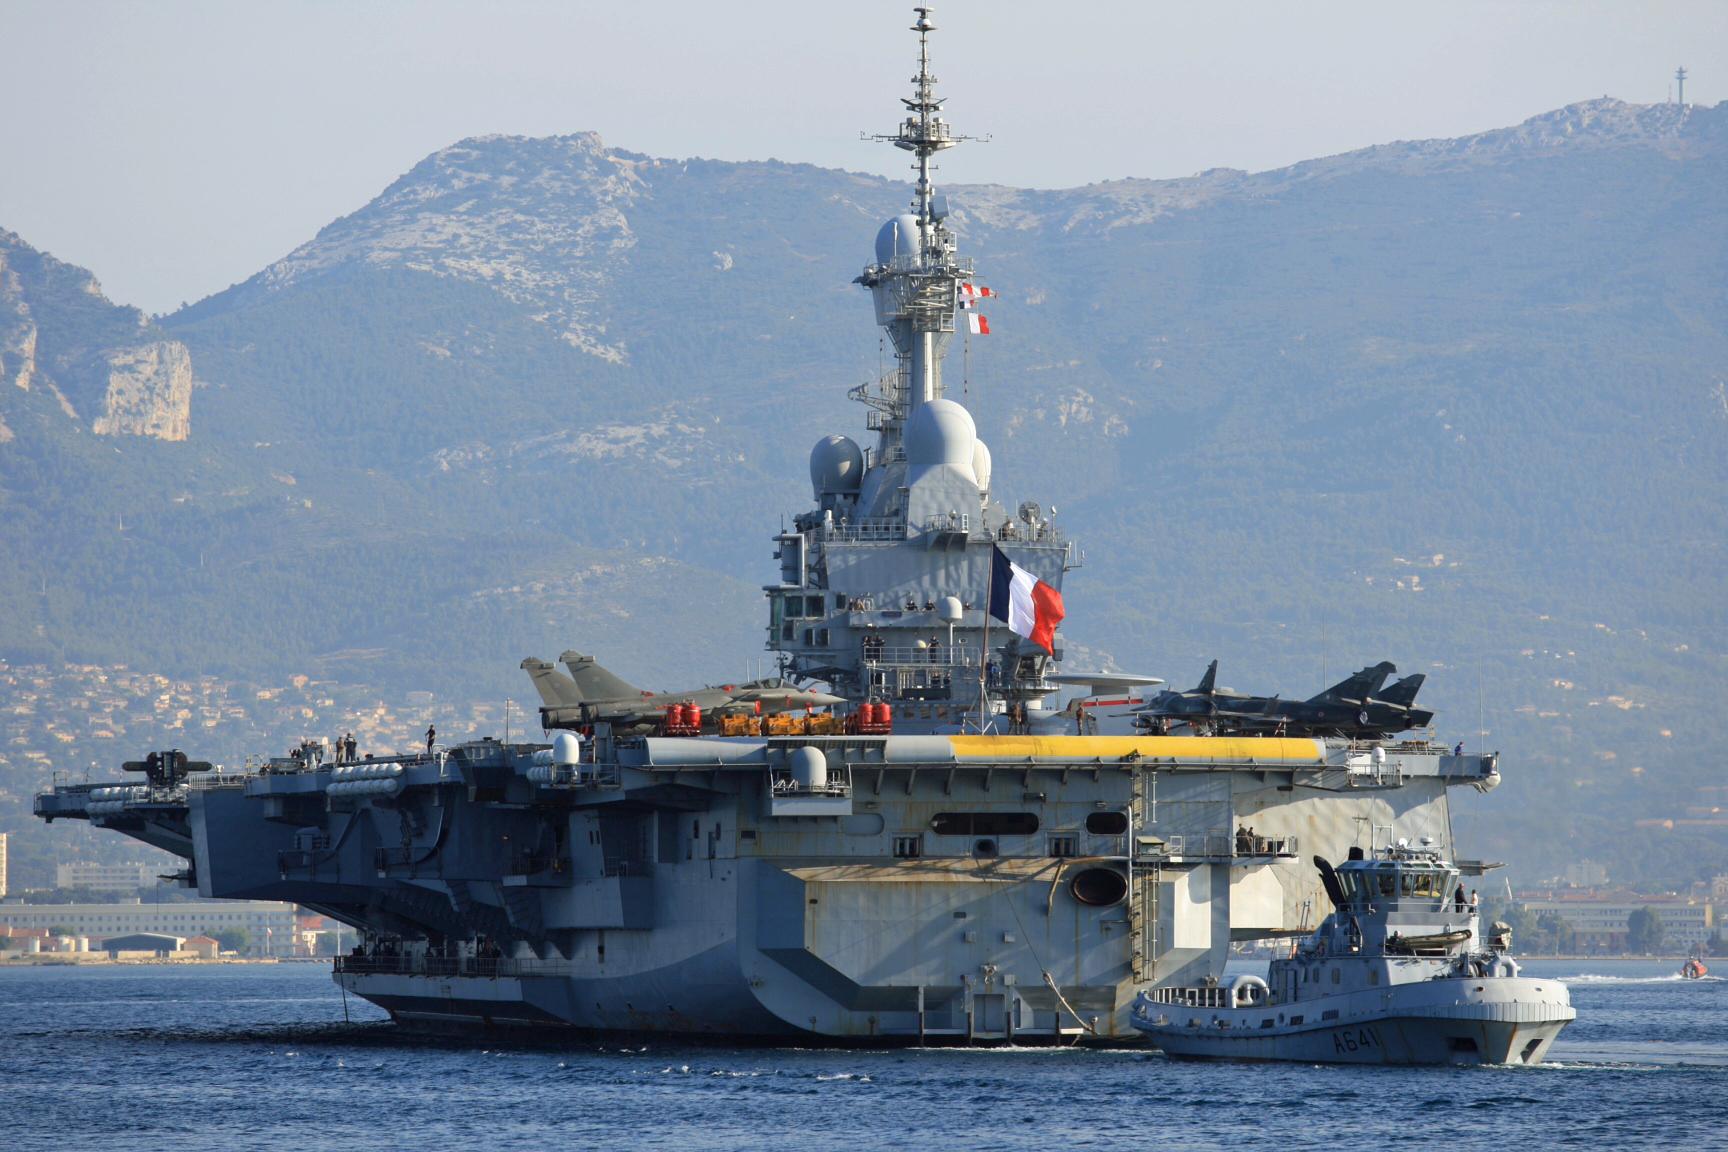 Le porte-avions français Charles de Gaulle fait route vers le Golfe